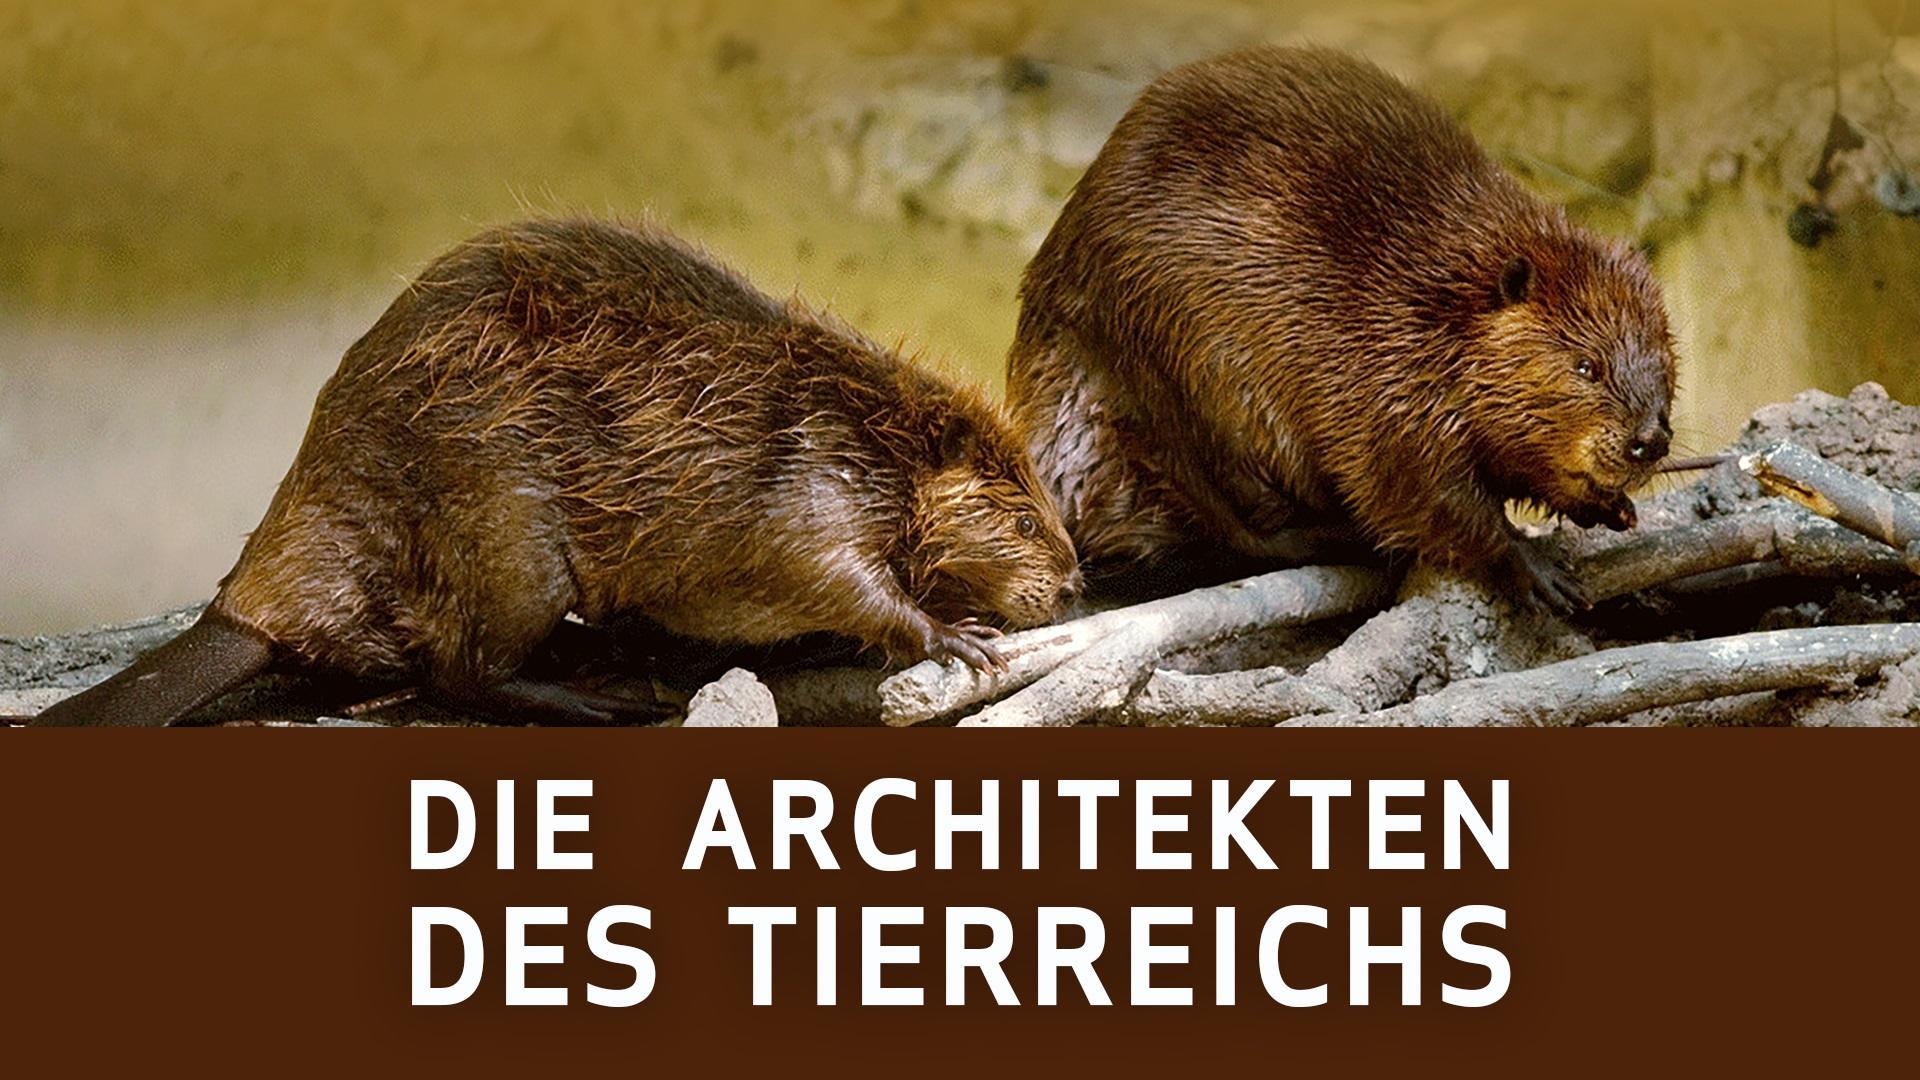 Die Architekten des Tierreichs